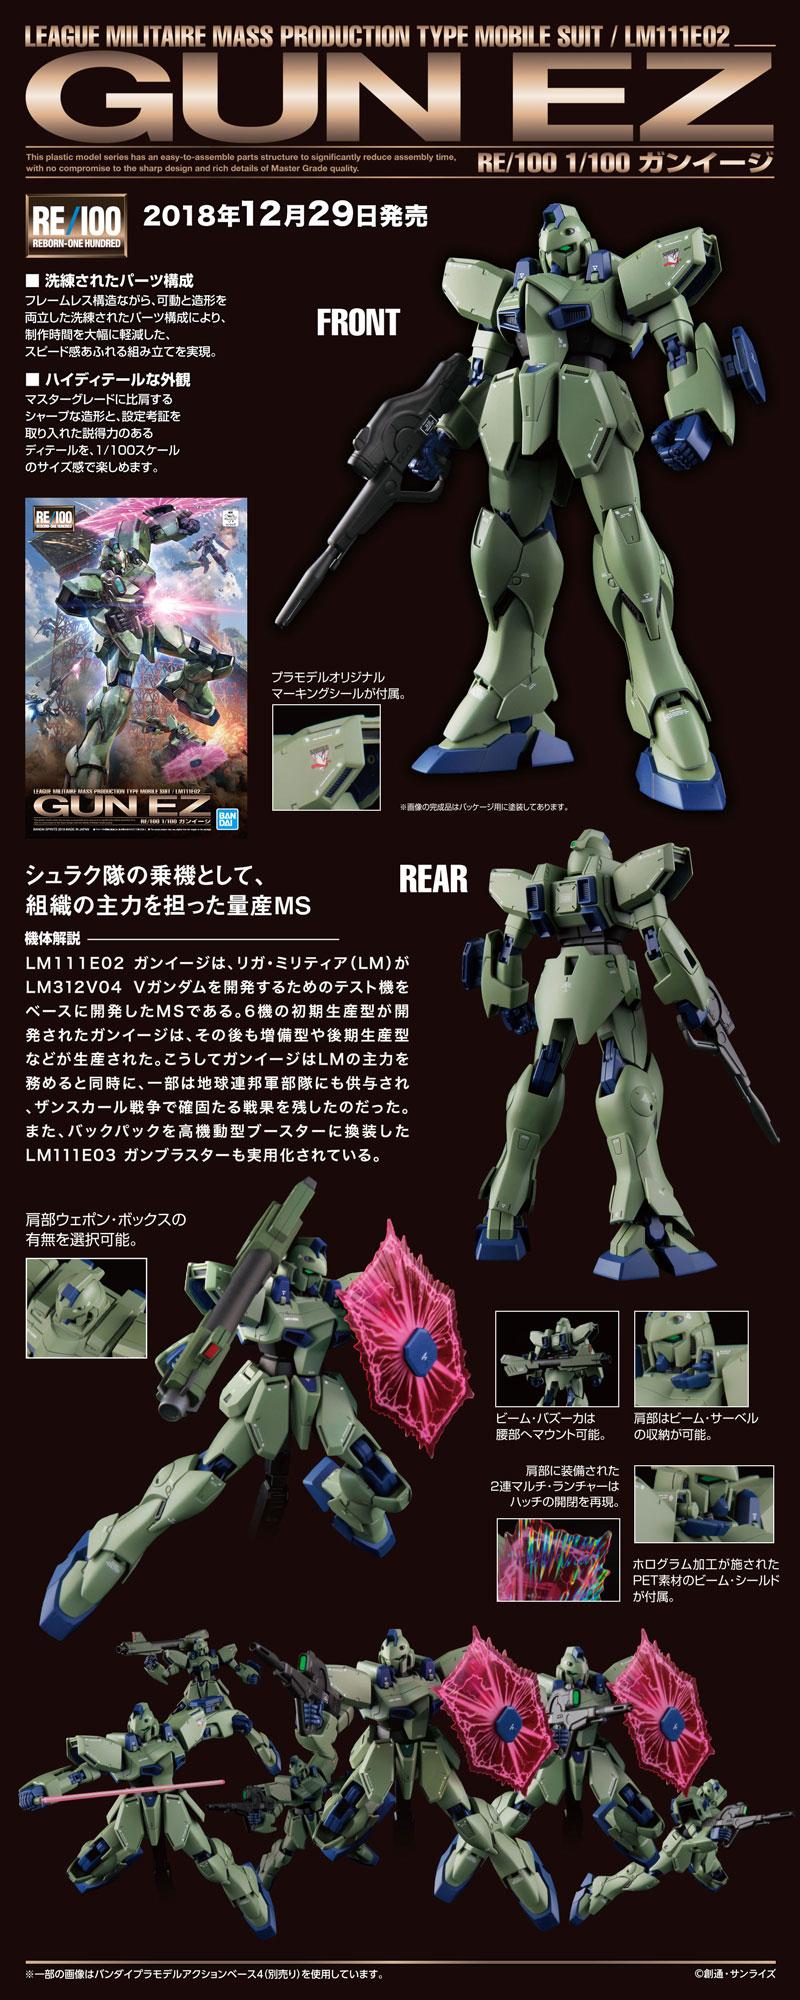 RE100 Gun-Ez Description